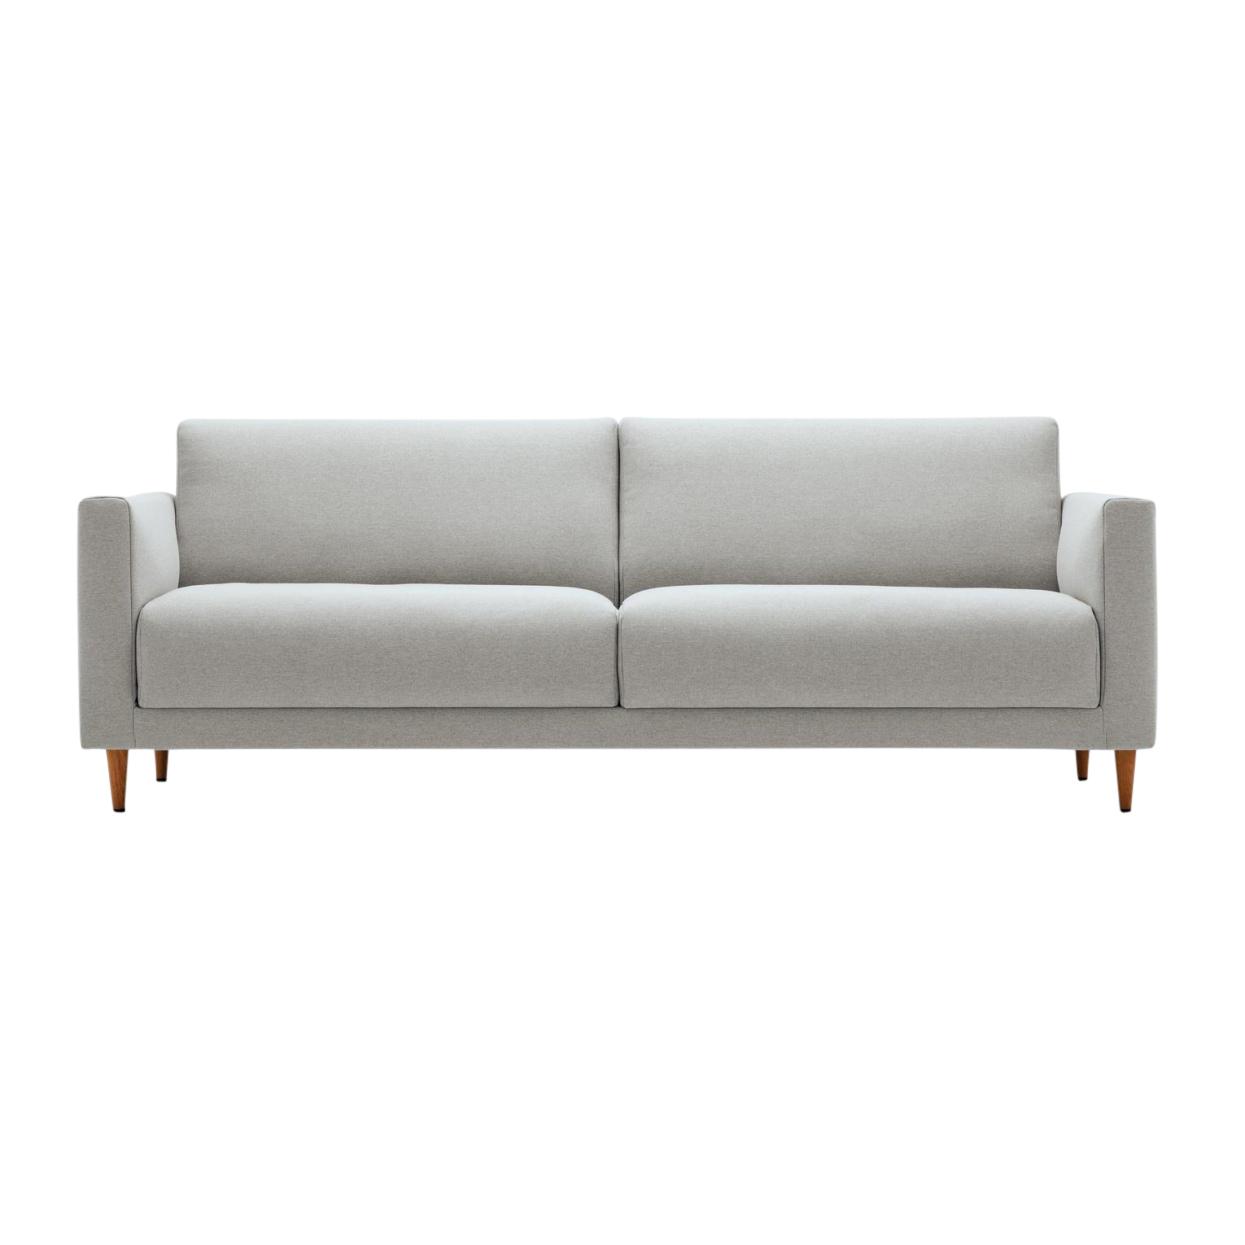 freistil Rolf Benz - freistil 141 - Canapé 3 places piètement en bois - gris clair/piètement chêne foncé/étoffe 3007 (100% polyester)/194x88x7